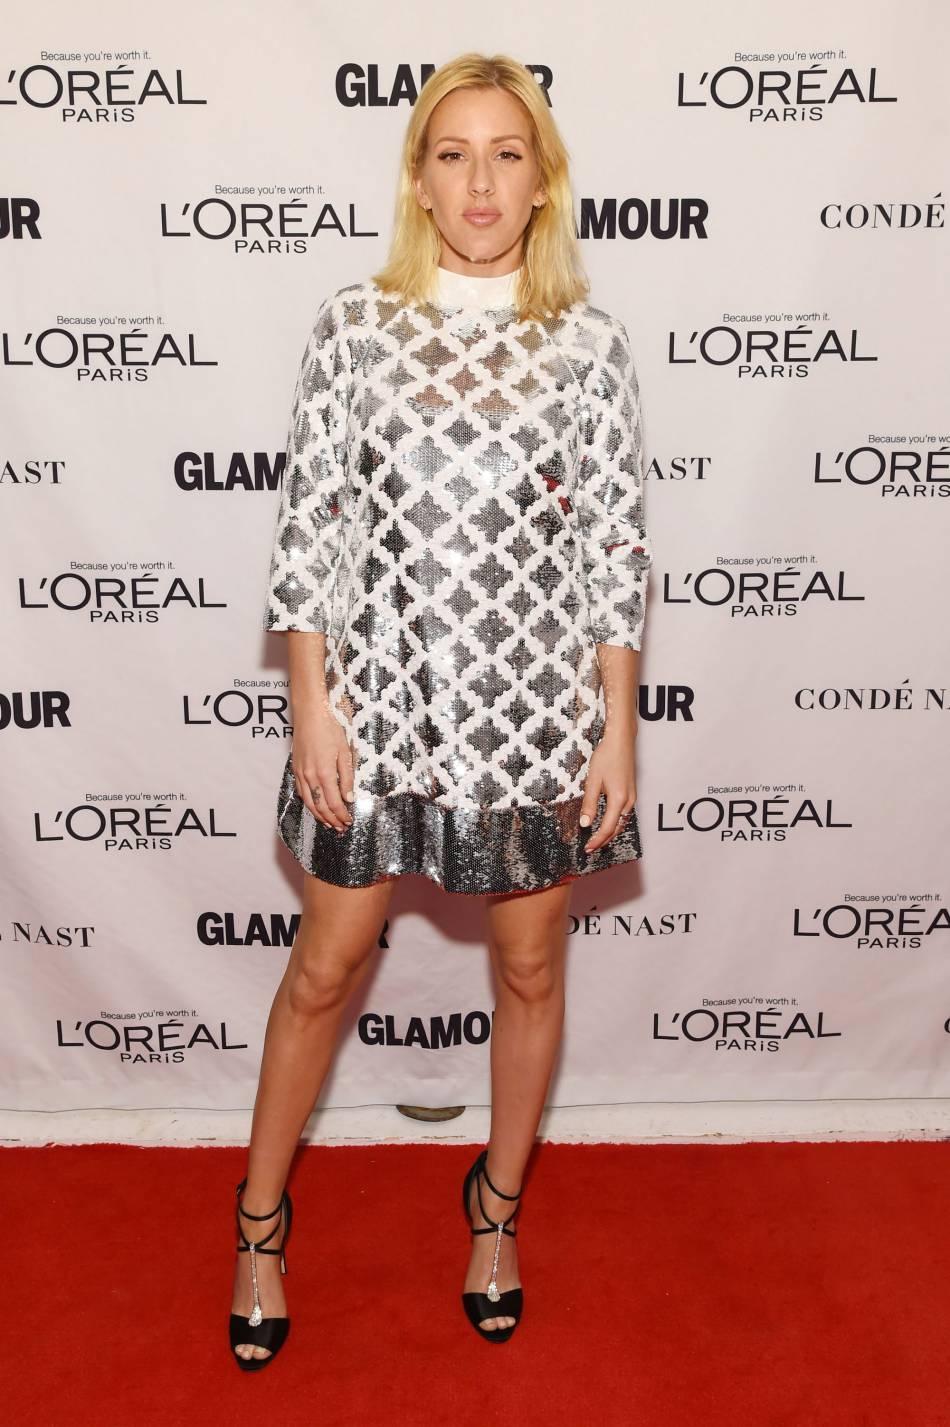 Ellie Goulding aux Glamour Awards le 9 novembre 2015 à Los Angeles.